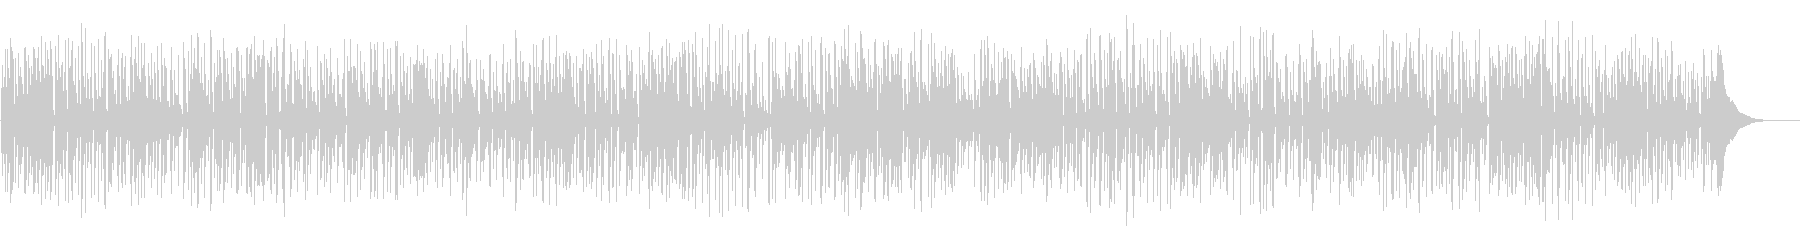 ほのぼのとした生演奏フォークギターデュオの未再生の波形